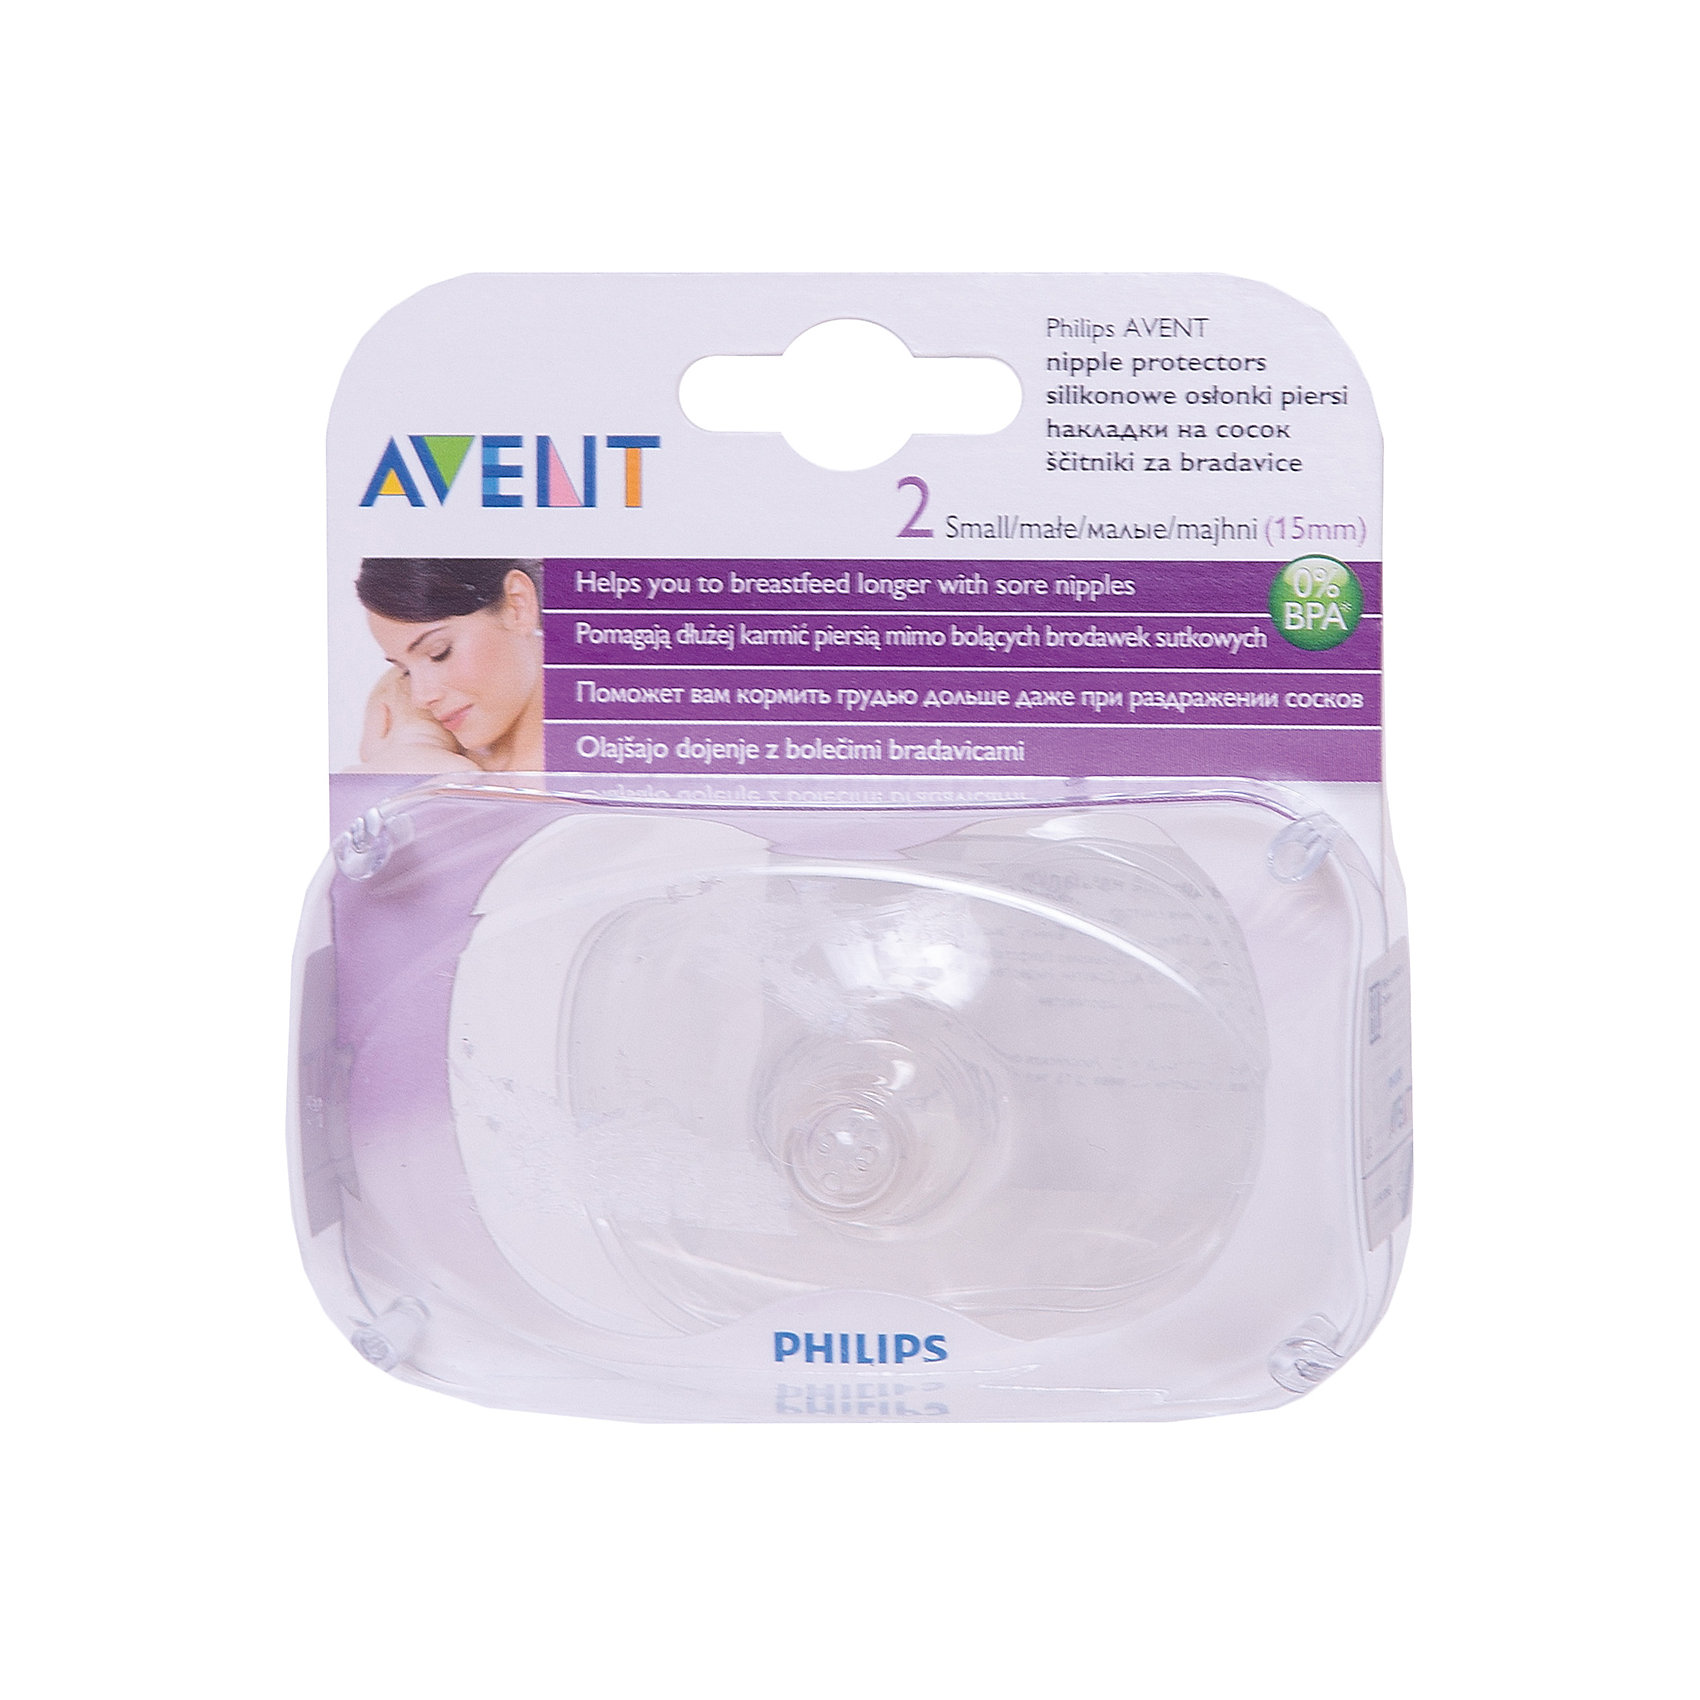 Накладка на сосок - малая AVENTНакладки на грудь<br>Накладка на сосок Philips AVENT (Авент), изготовленная из тонкого, мягкого<br>силикона, не имеющего вкуса и запаха, защищает потрескавшиеся и воспаленные соски во время кормления грудью. <br><br>- Новые, усовершенствованные защитные накладки выполнены в форме бабочки, что помогает значительно <br>улучшить тактильный контакт между мамой и малышом.<br>- Малыш по-прежнему будет ощущать запах и тепло кожи мамы, а сосанием будет стимулировать выработку молока. <br>- Используйте накладки только при потрескавшихся или воспалённых сосках. <br> <br>Дополнительная информация:<br>В комплекте: 2 накладки.<br>Диаметр: 15 мм<br>Материал: силиконовая, не содержит бисфенол-А*<br>Размеры упаковки (Д х Ш х В): 10 х 5 х 10 см.<br><br>Ширина мм: 100<br>Глубина мм: 50<br>Высота мм: 100<br>Вес г: 142<br>Возраст от месяцев: 0<br>Возраст до месяцев: 36<br>Пол: Унисекс<br>Возраст: Детский<br>SKU: 2174500